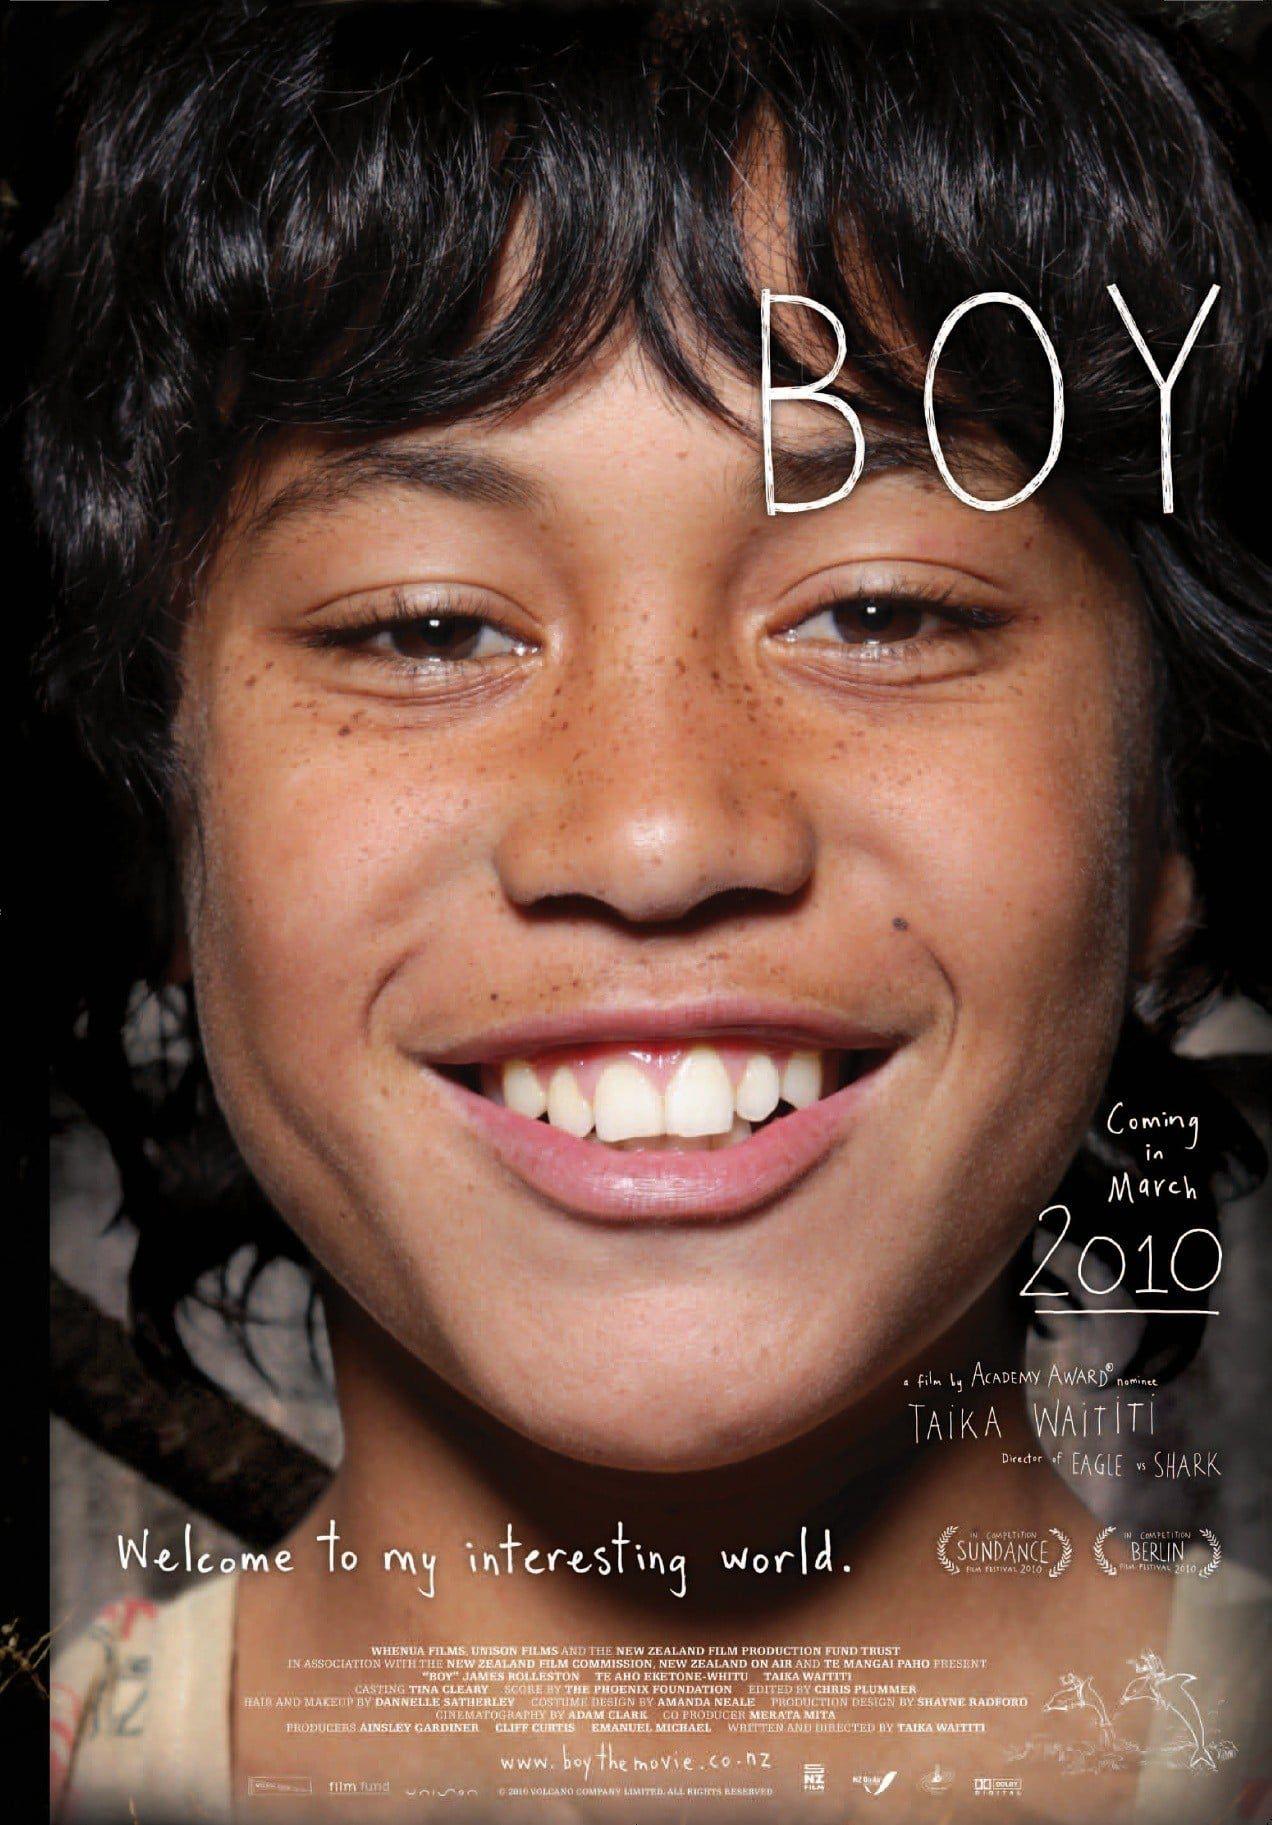 Boy - Film (2010)